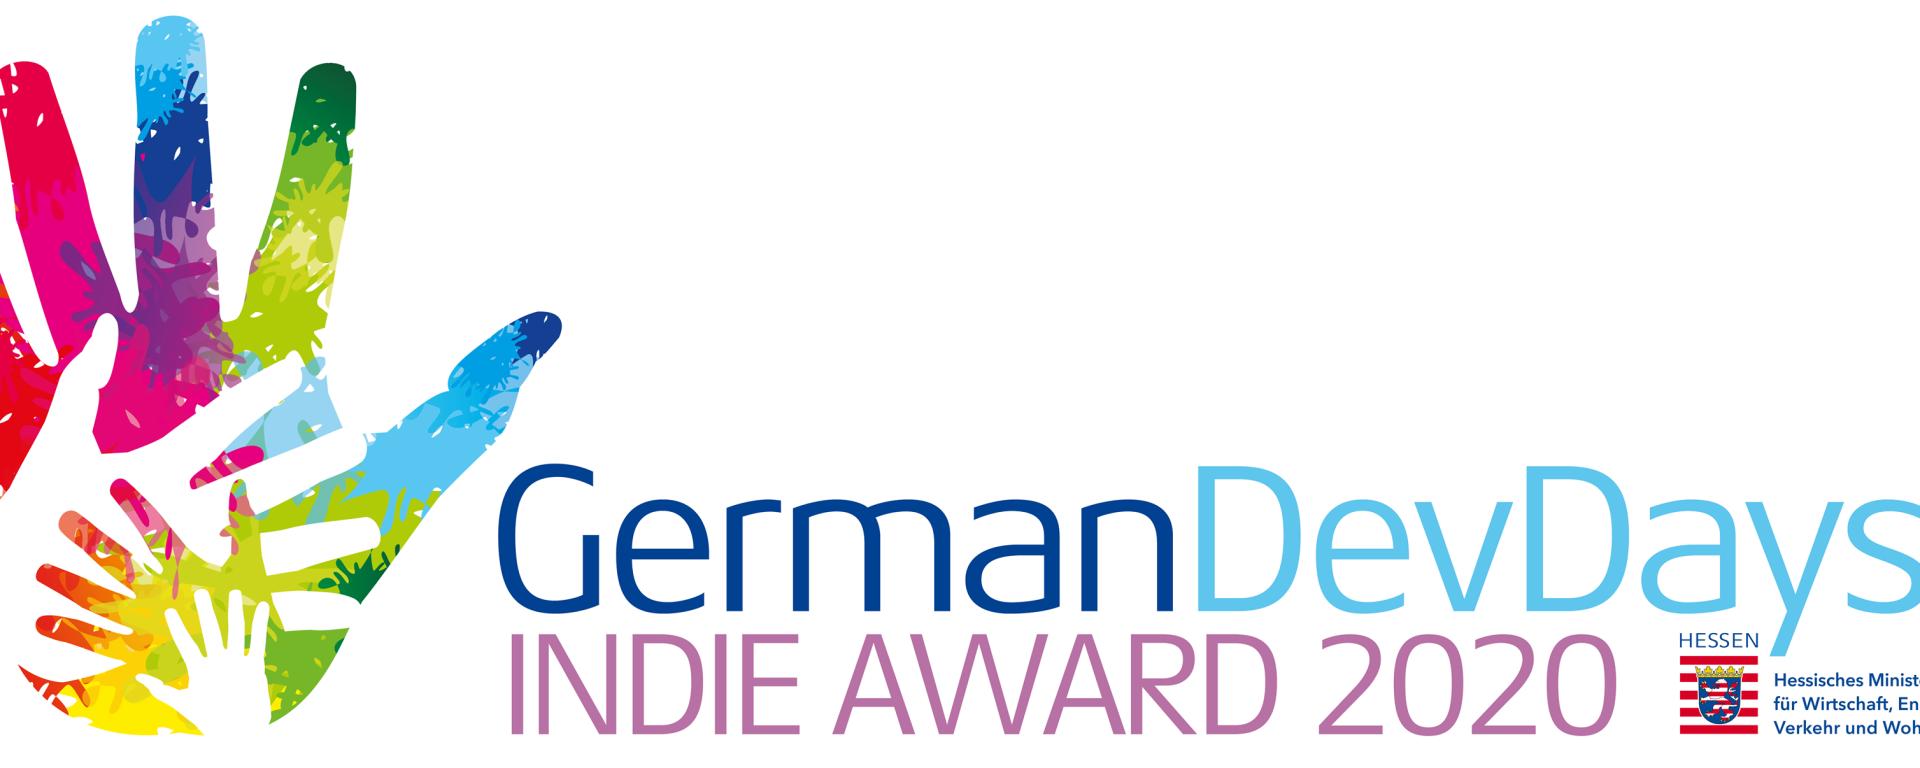 germandevdays indie awards 2020 logo